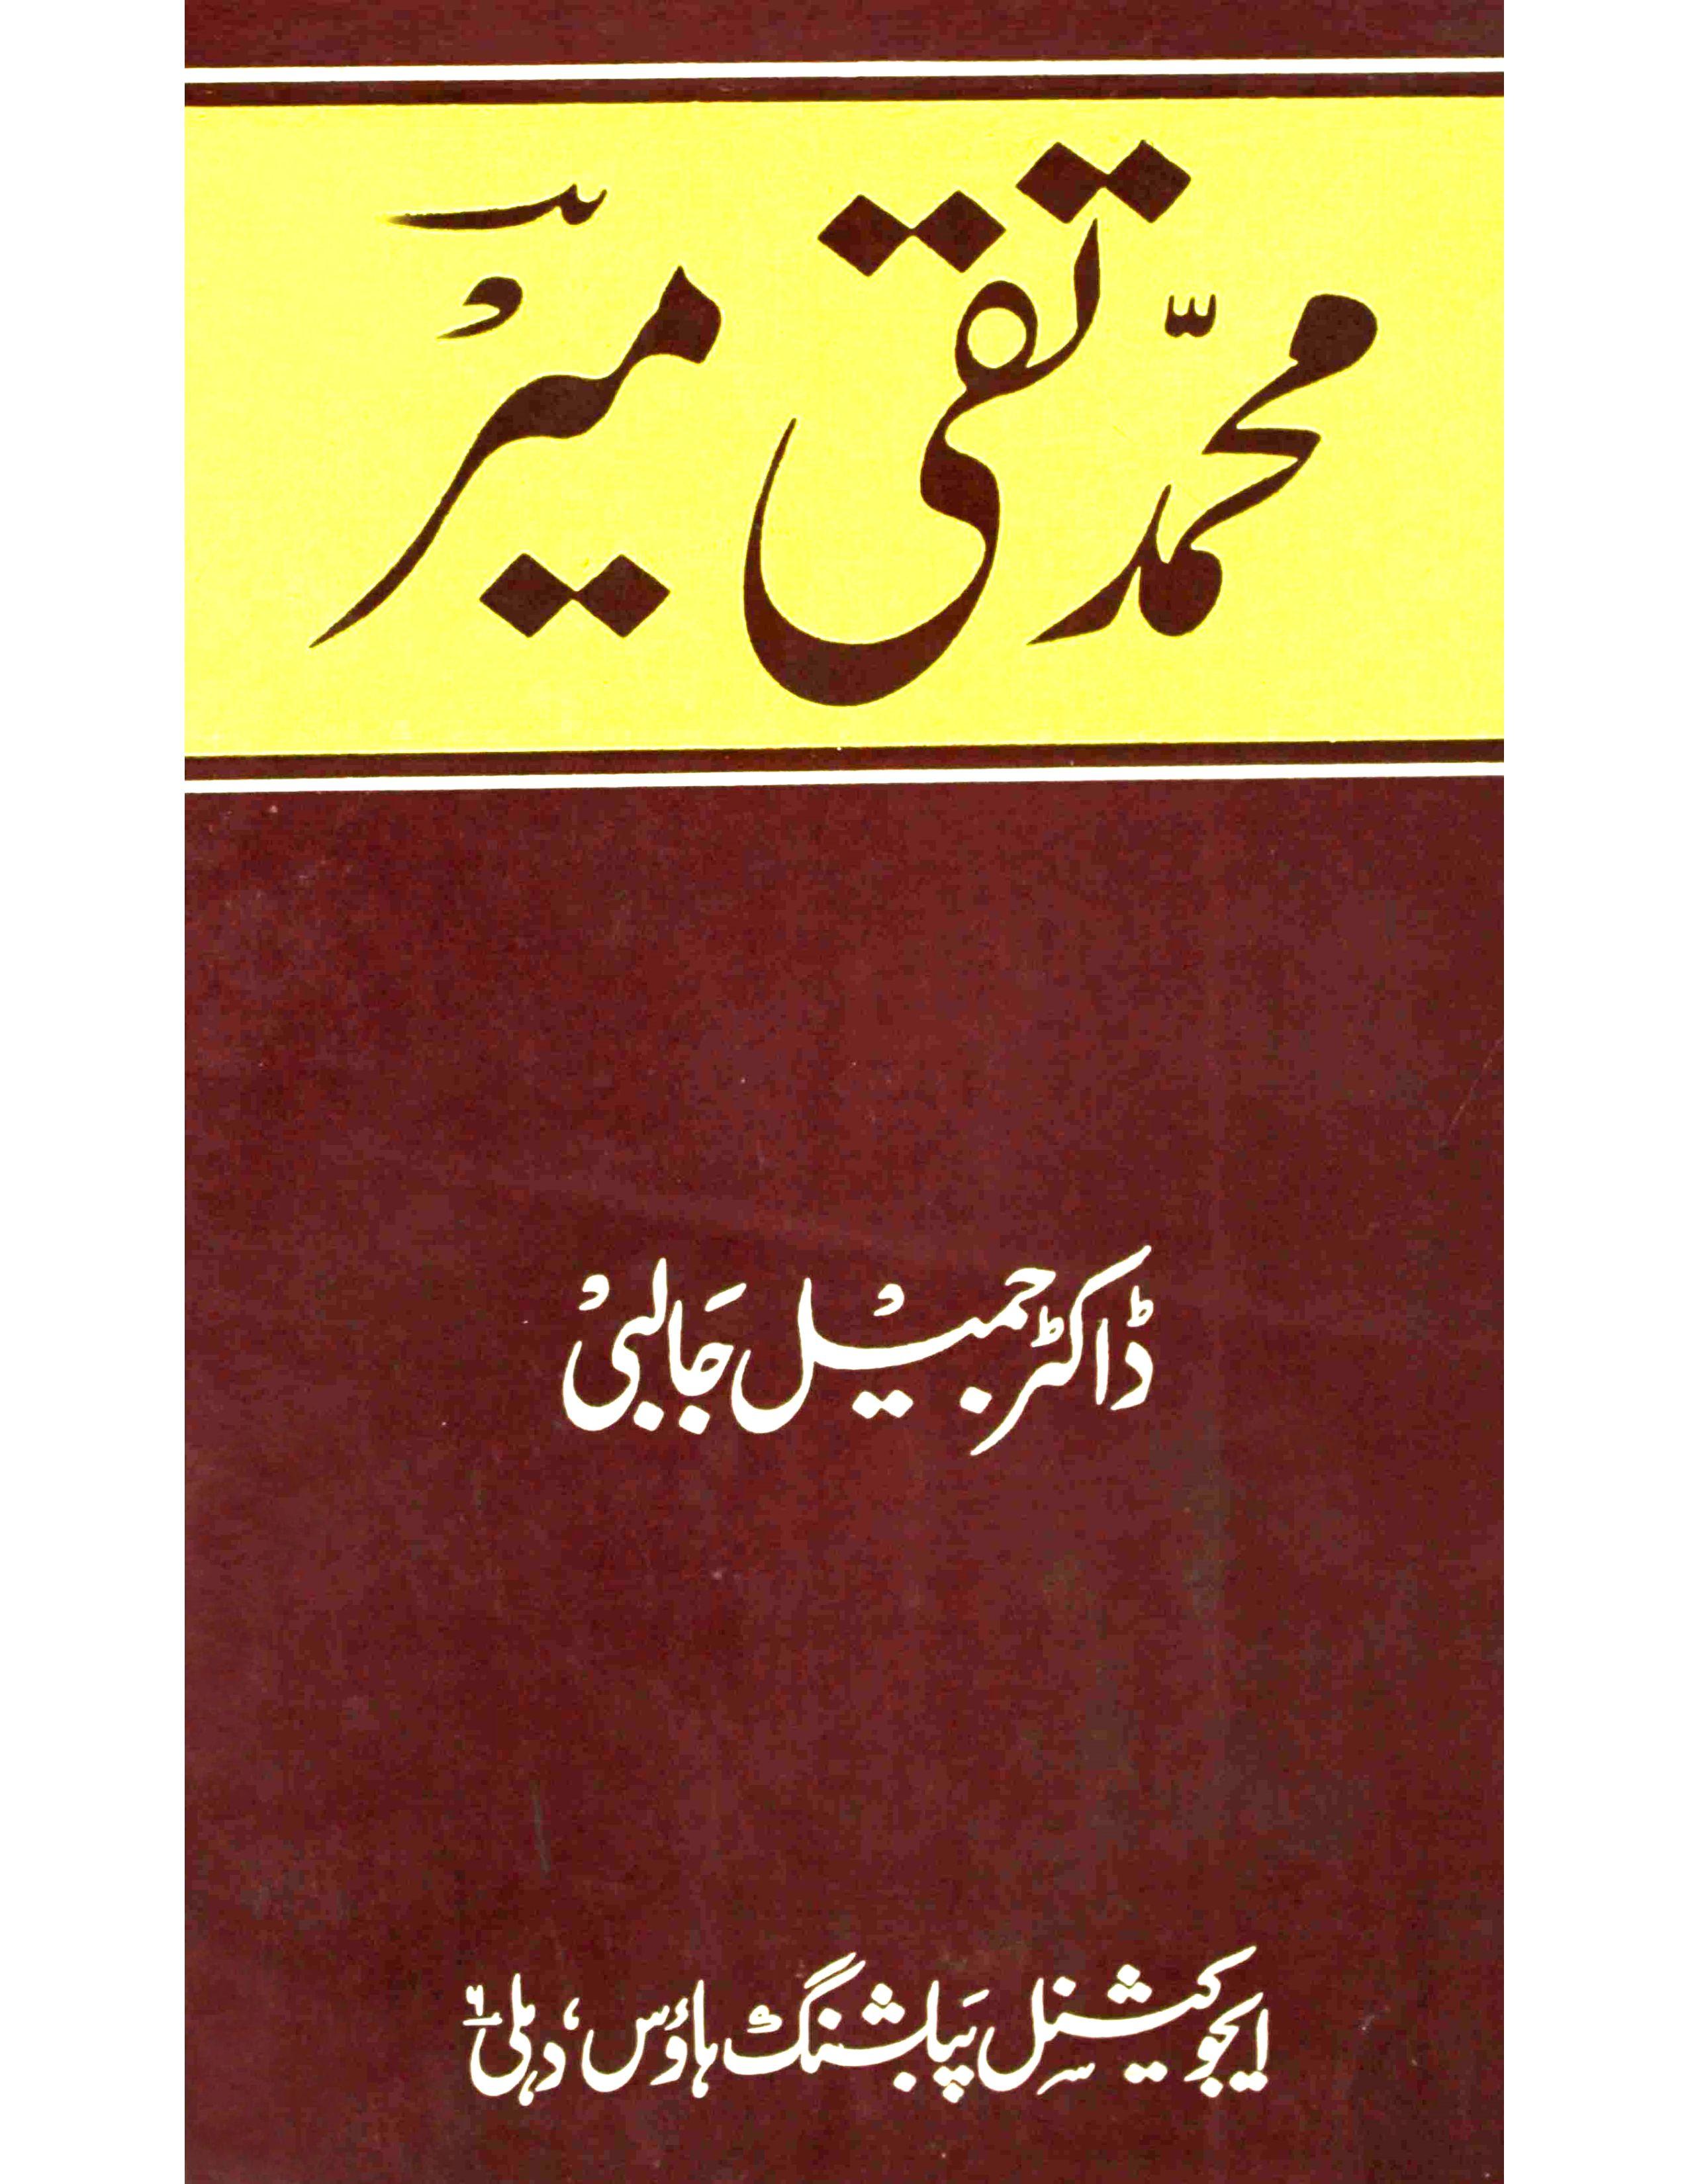 Mohammad Taqi Mir